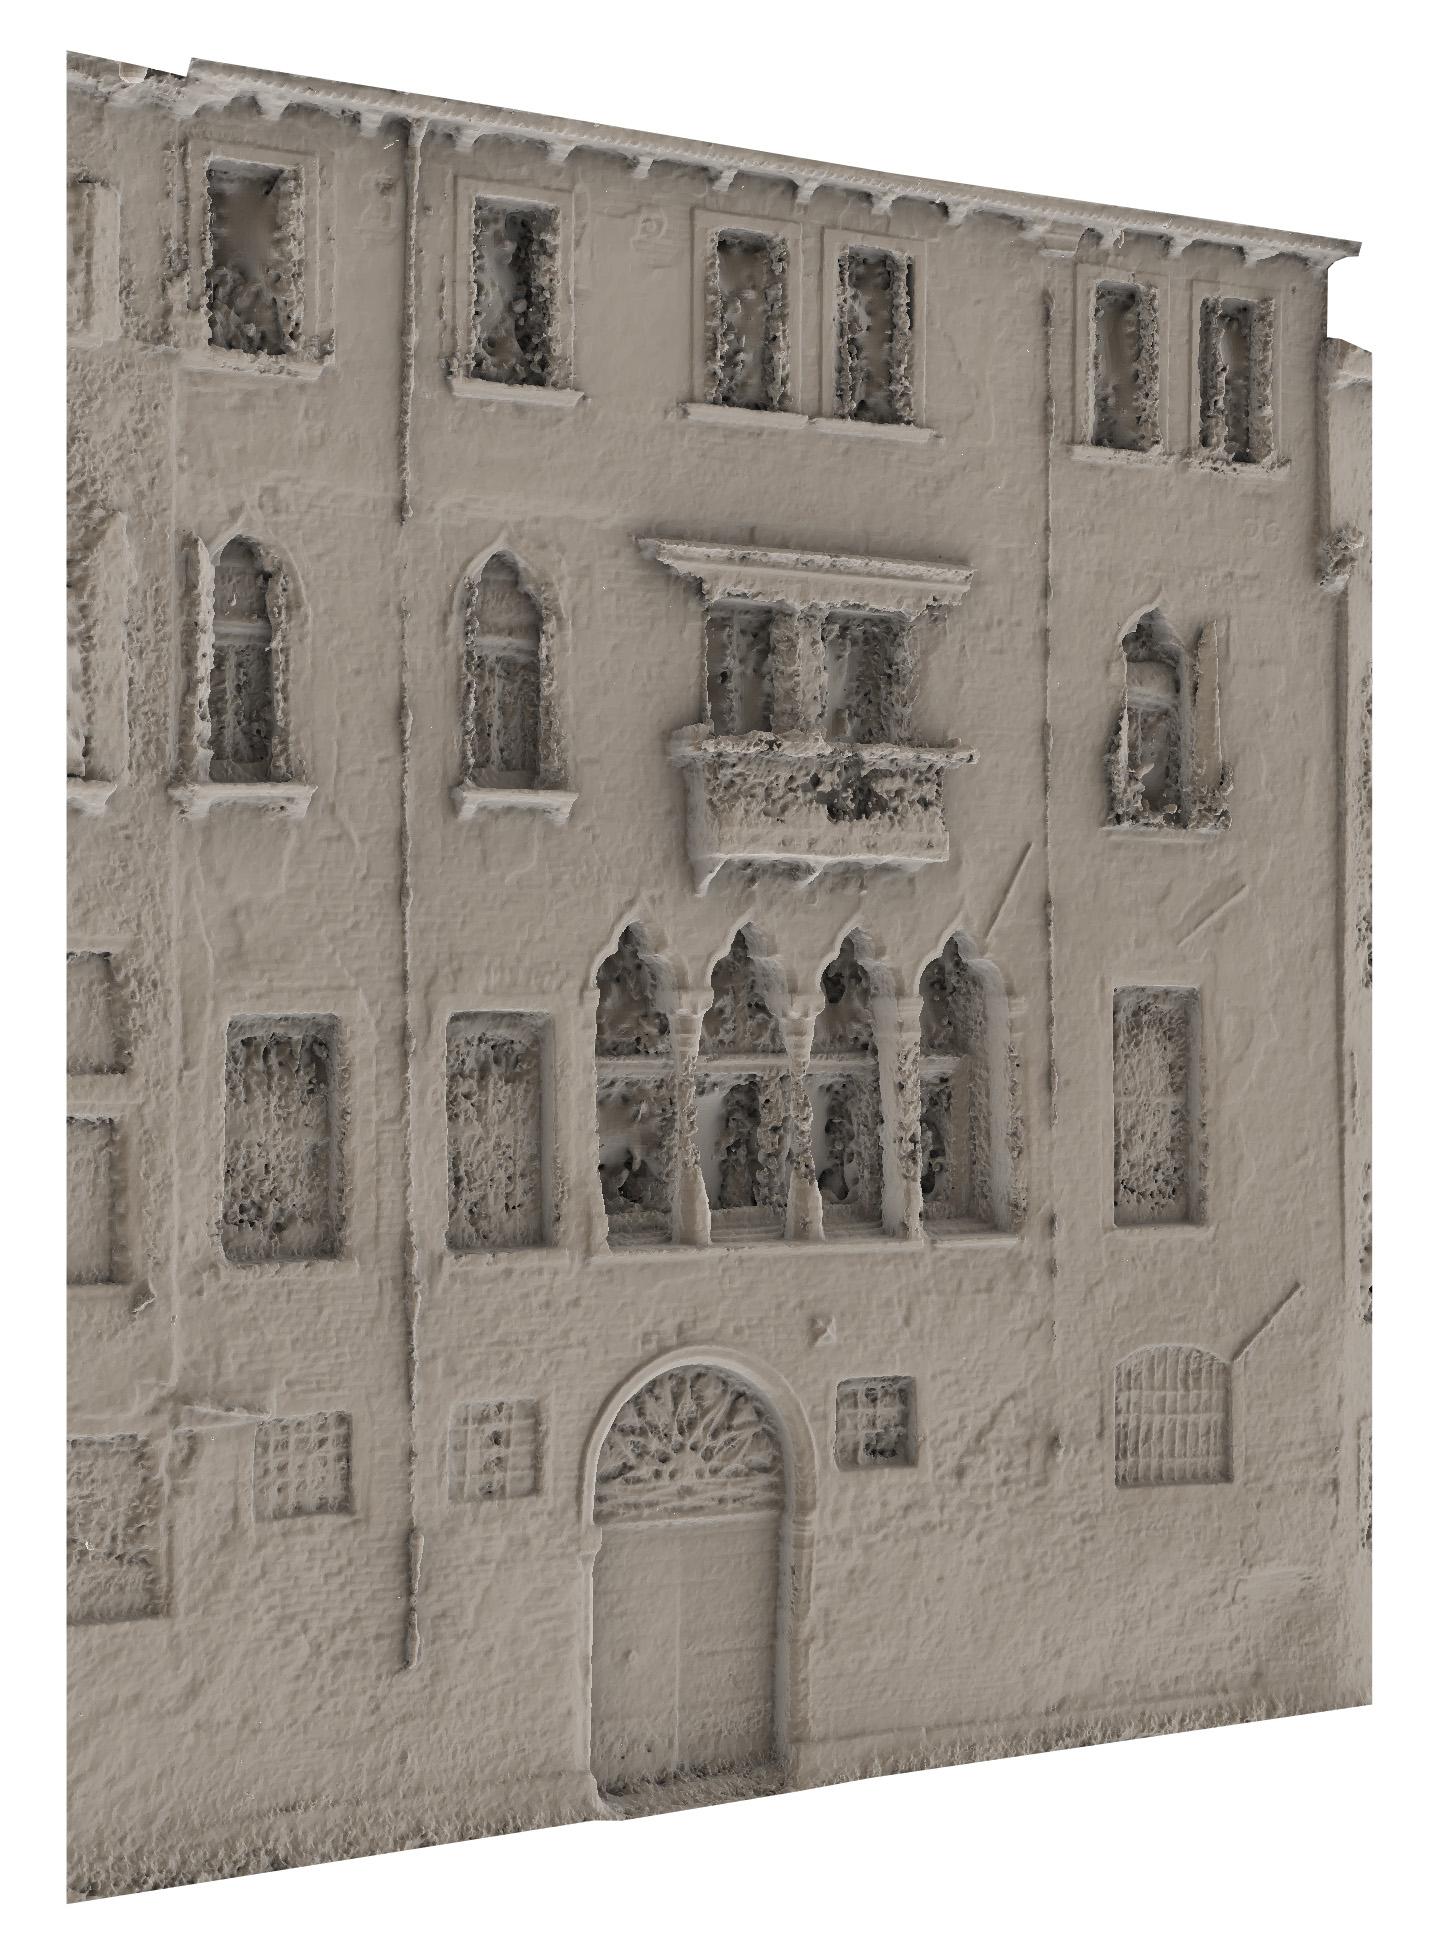 Rilievo fotogrammetrico facciata canale - mesh